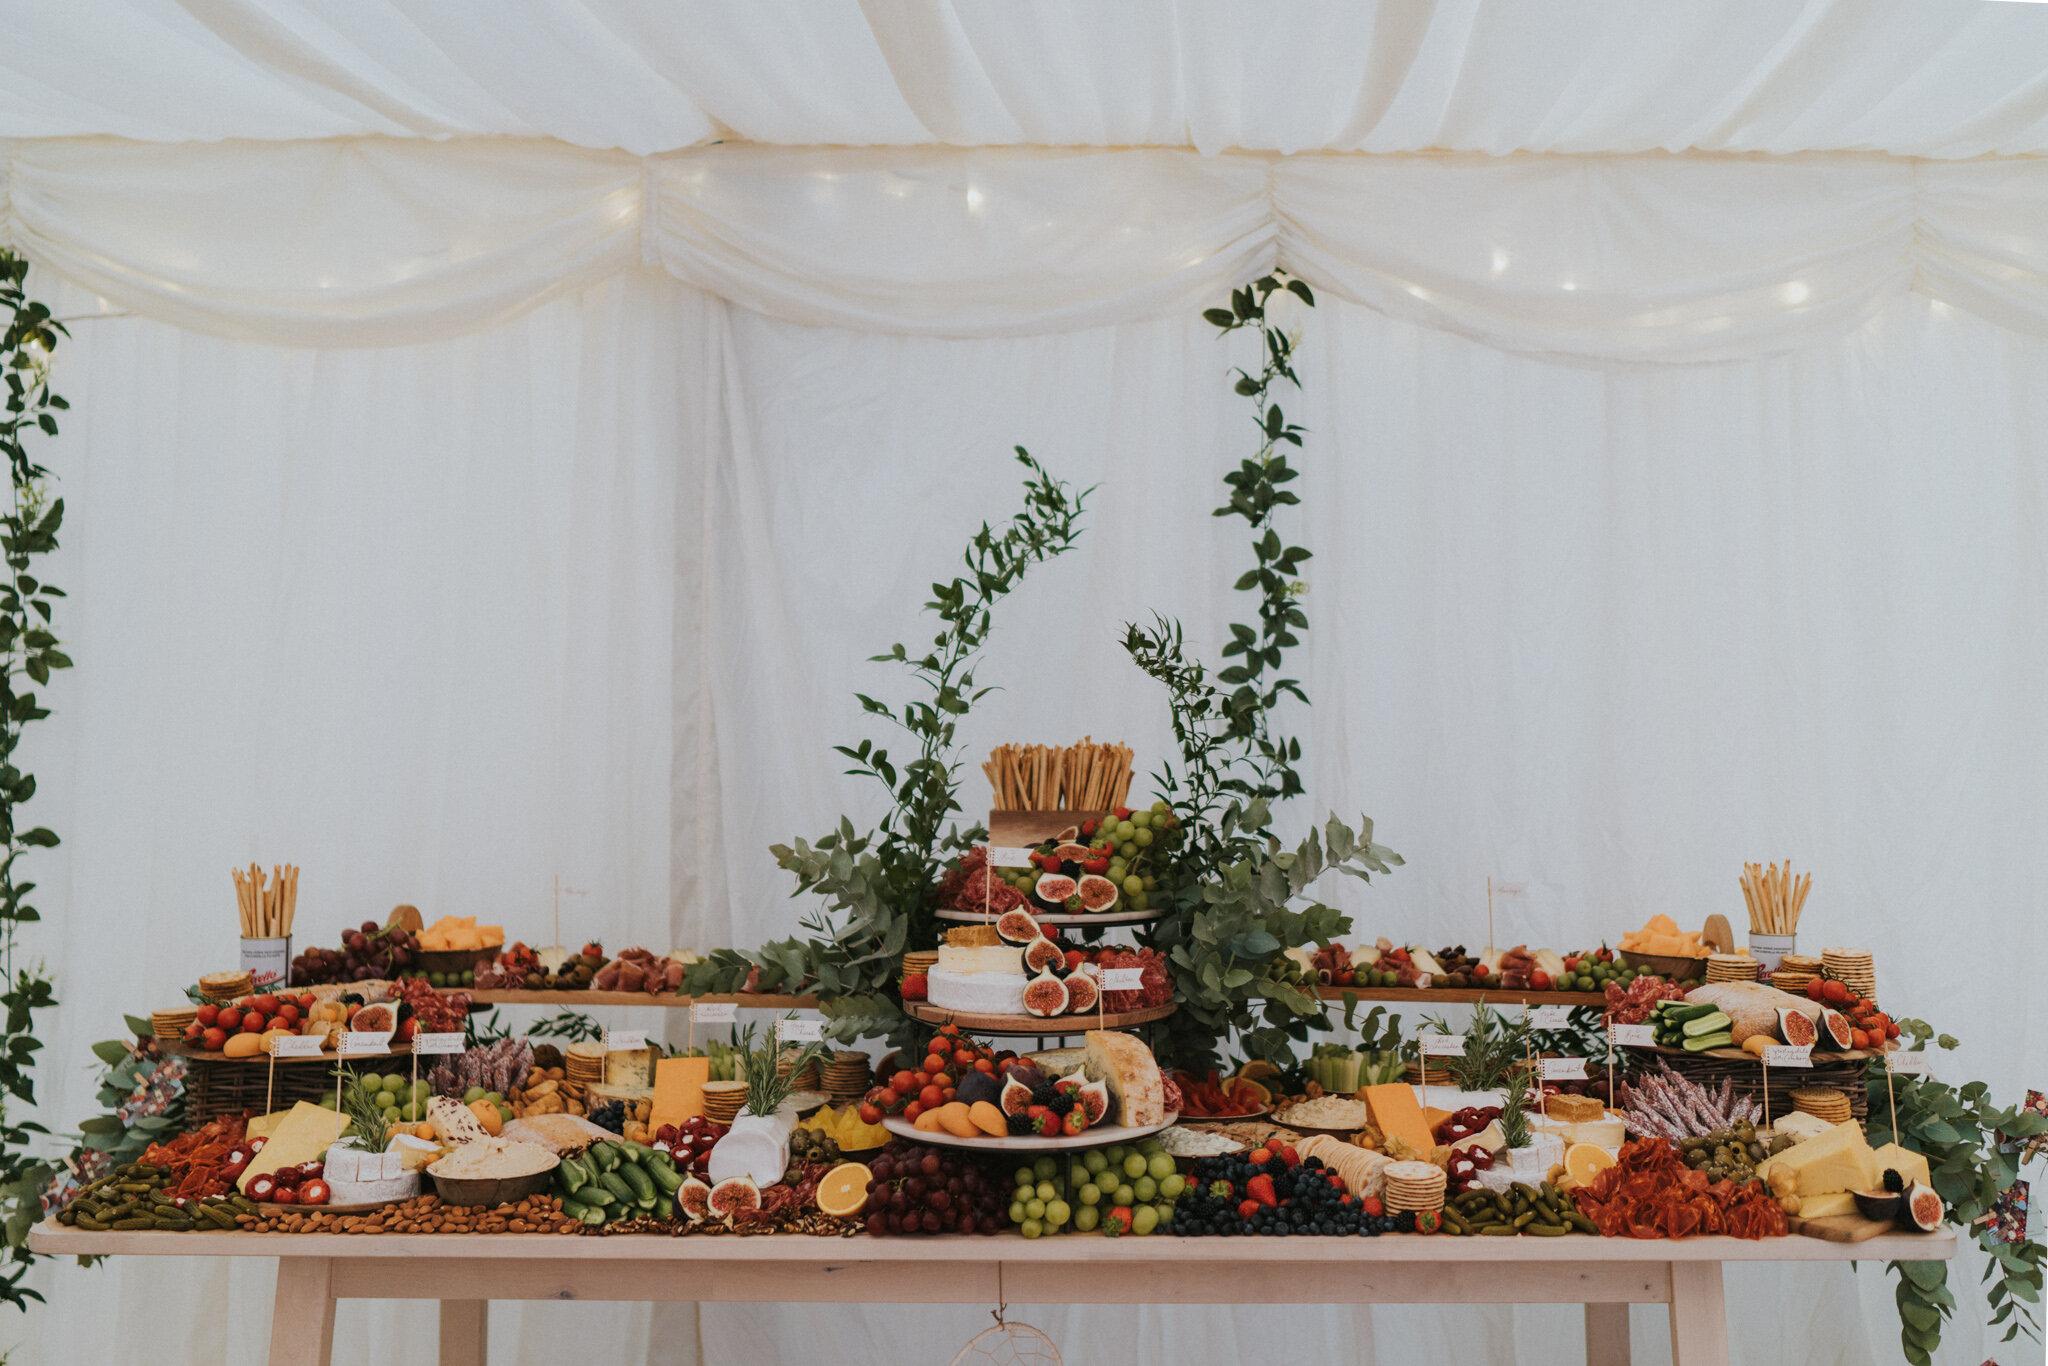 amy-ross-diy-garden-wedding-grace-elizabeth-colchester-essex-suffolk-devon-norfolk-wedding-lifestyle-photographer (37 of 51).jpg